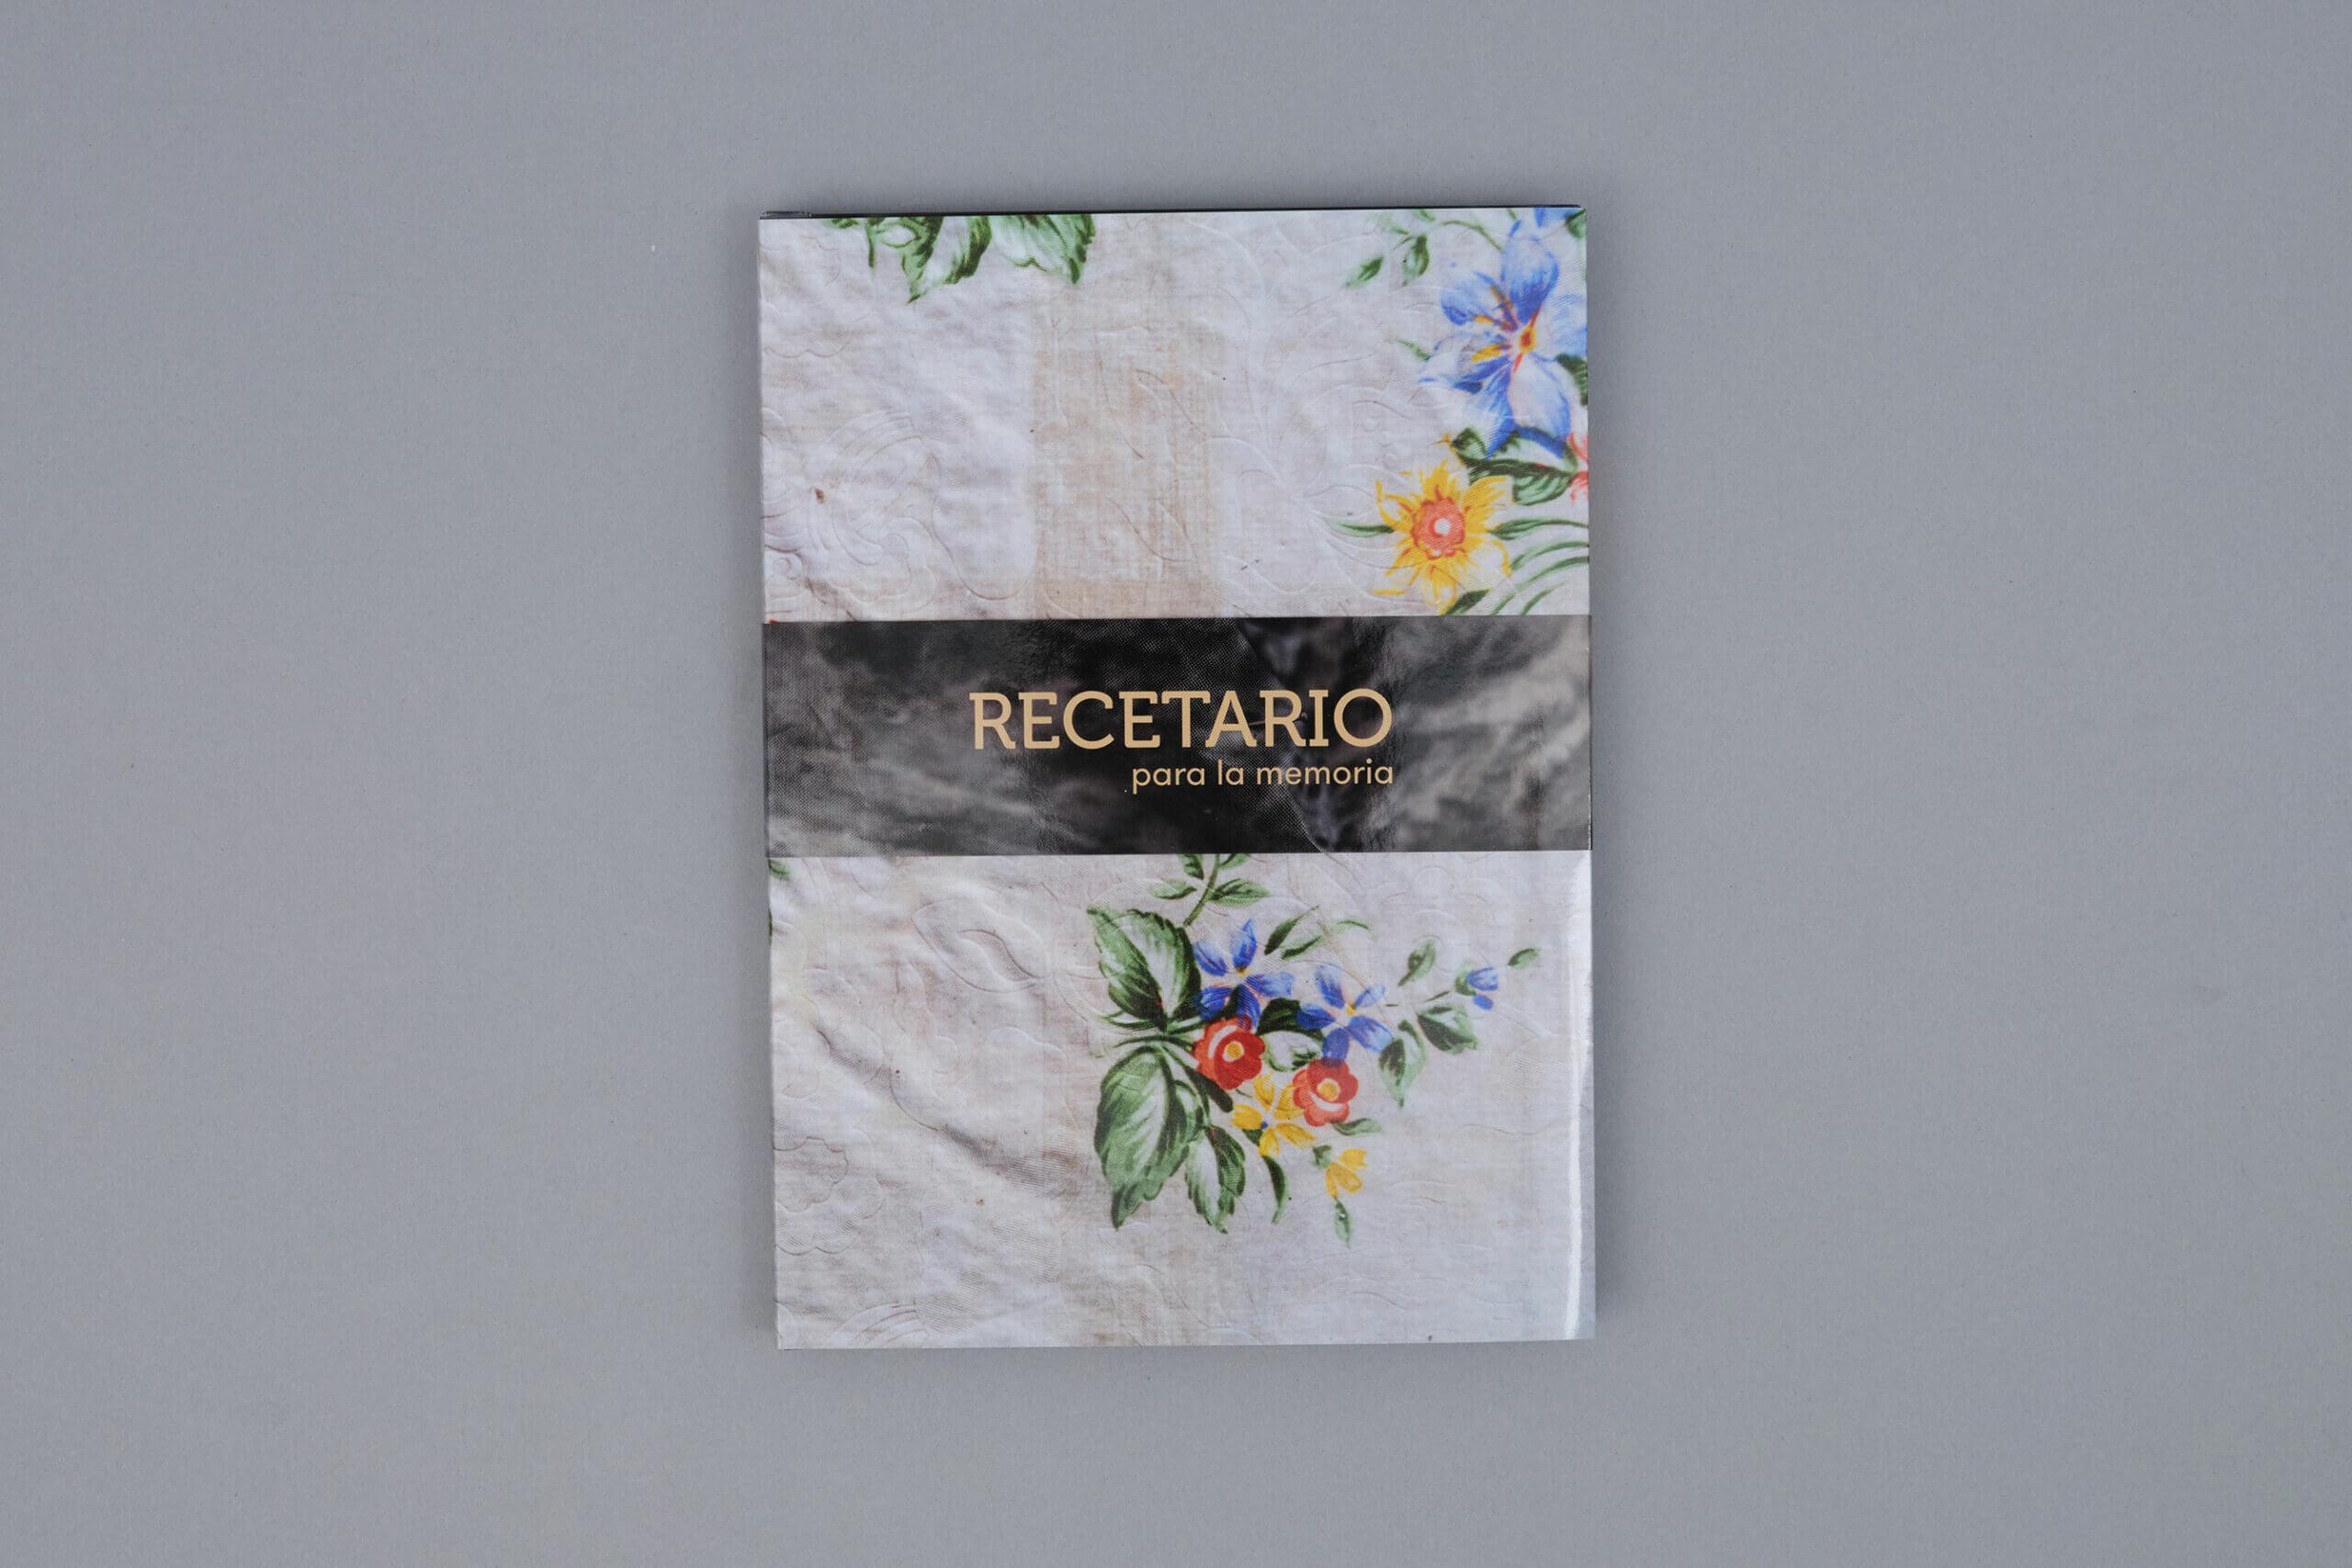 recetario-memoria-delpire-0